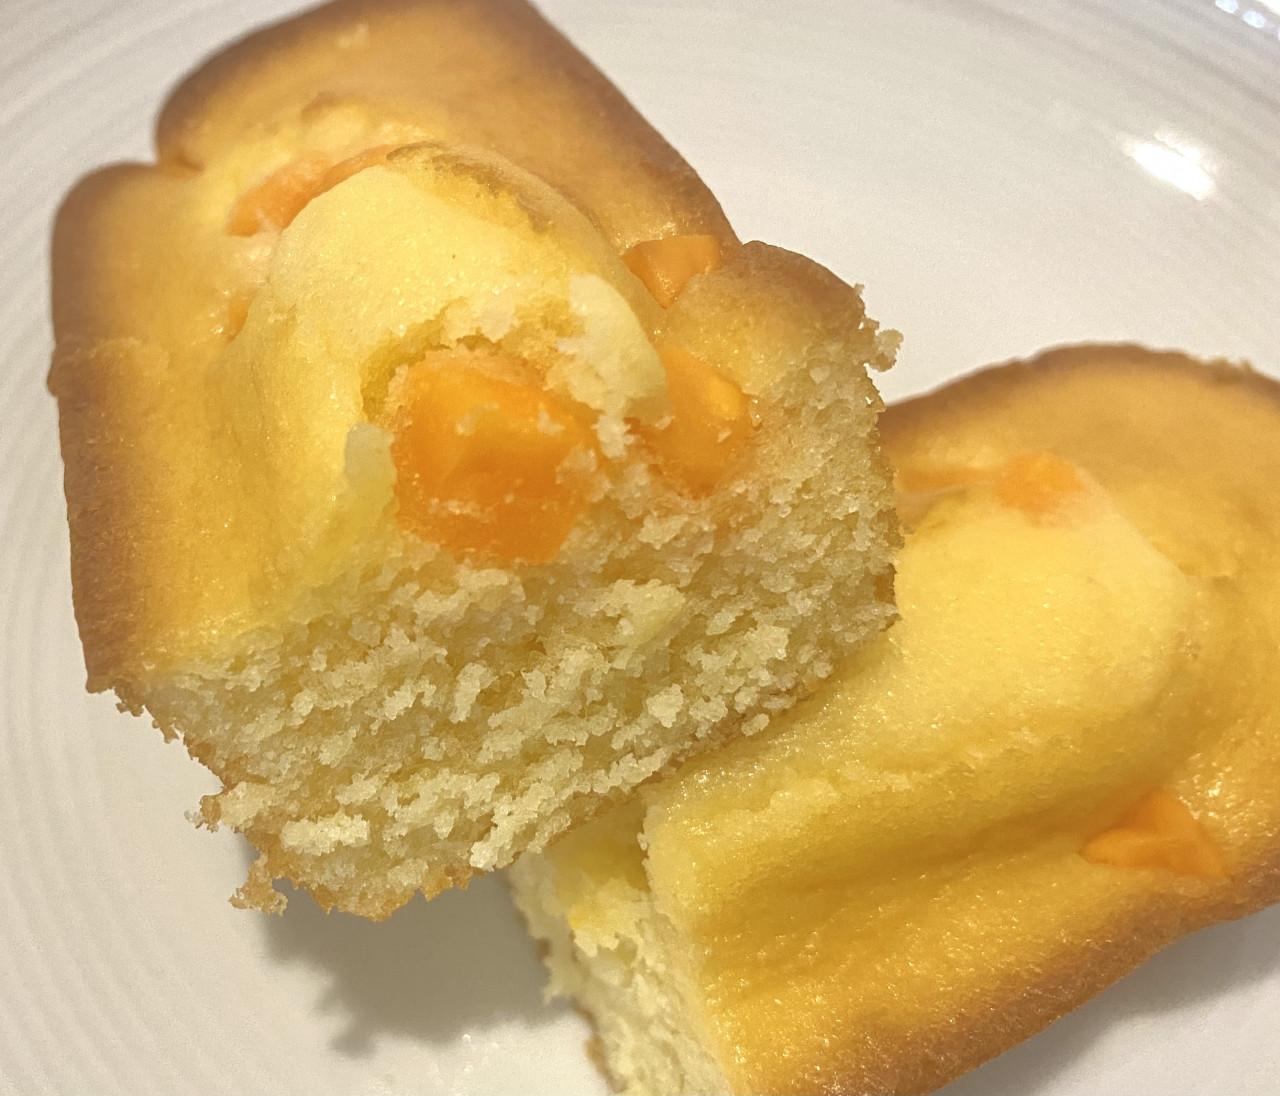 【ファミマ】チーズ入りパンを食べ比べ!チーズを楽しめるおすすめ3選